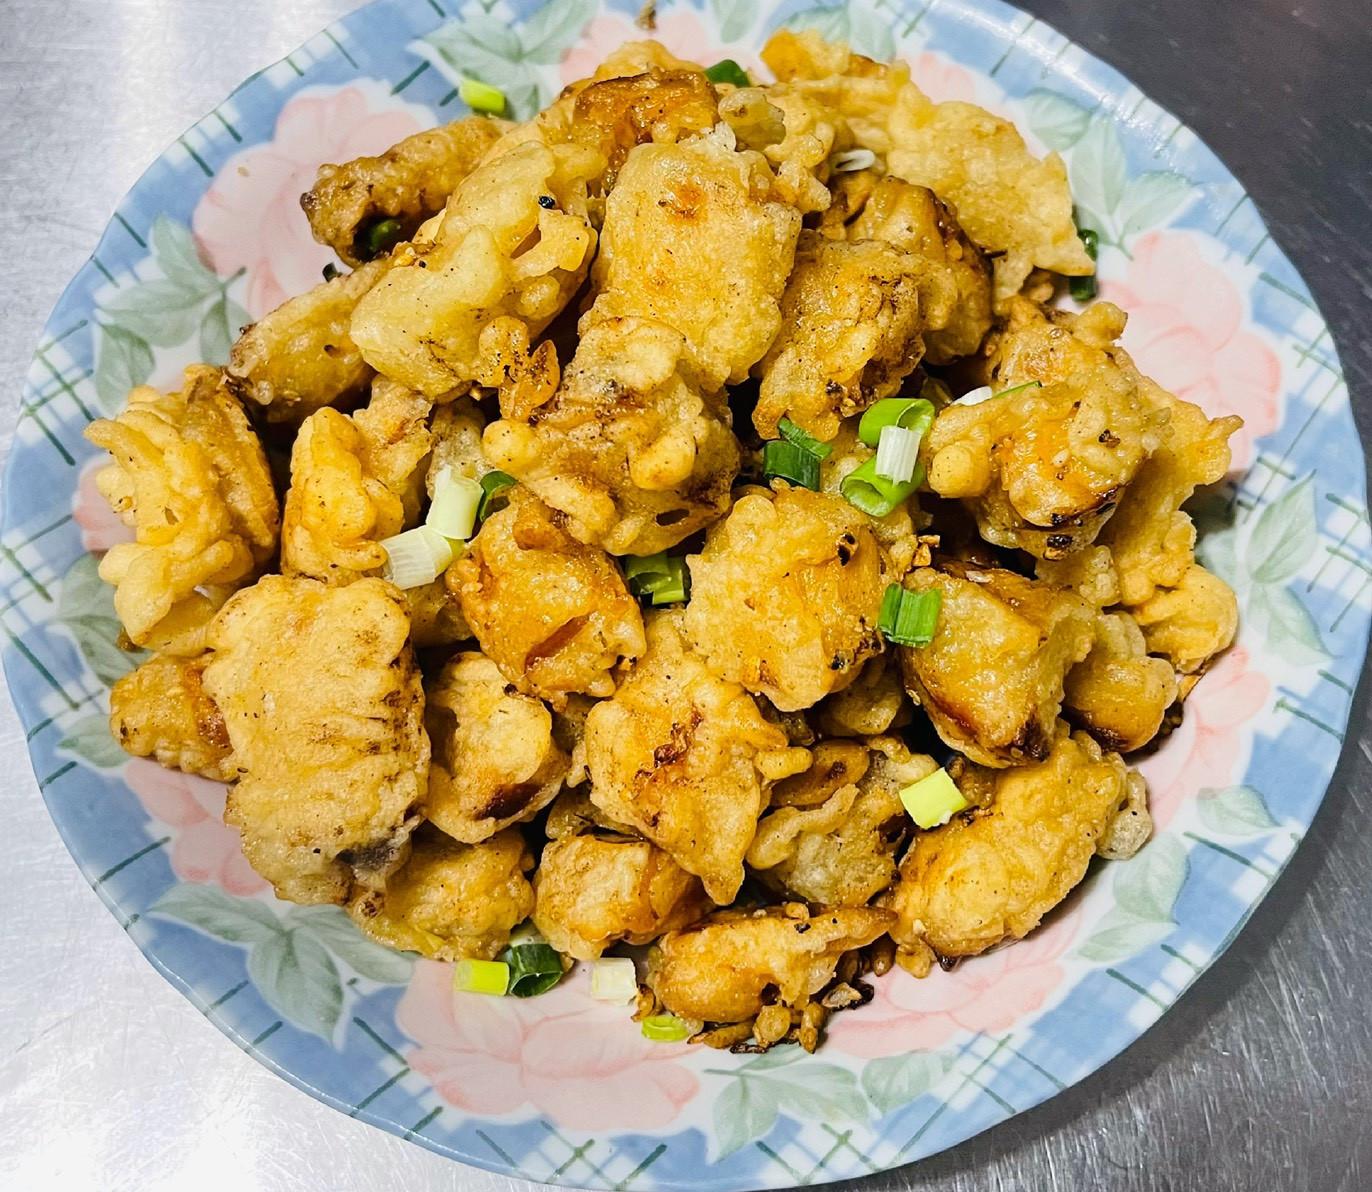 鹹酥豆乳杏鮑菇「下酒菜沒有肉也很好吃」